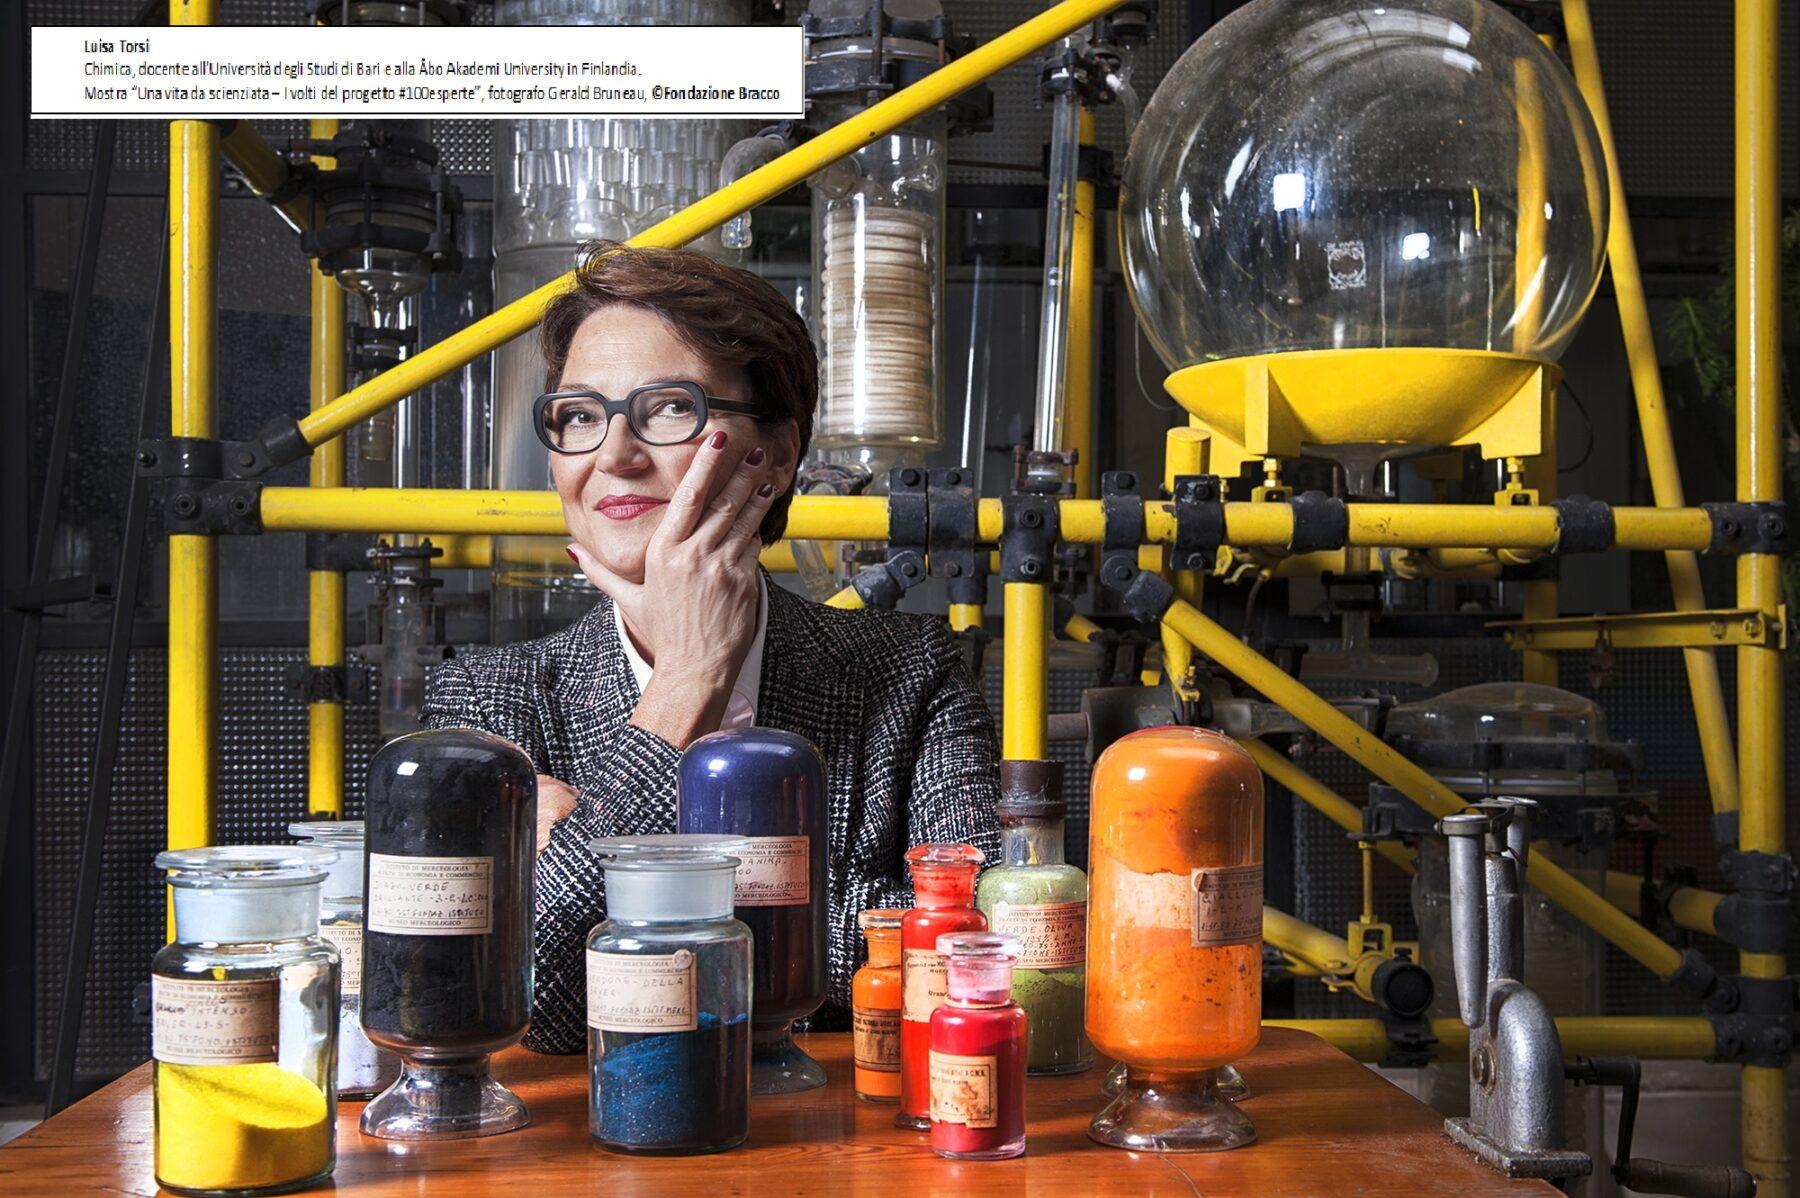 Una vita da Scienziata, mostra su 100 donne che hanno avuto successo nelle scienze. Nella Foto, La chimica e professoressa universitaria dott.ssa Luisa Torsi